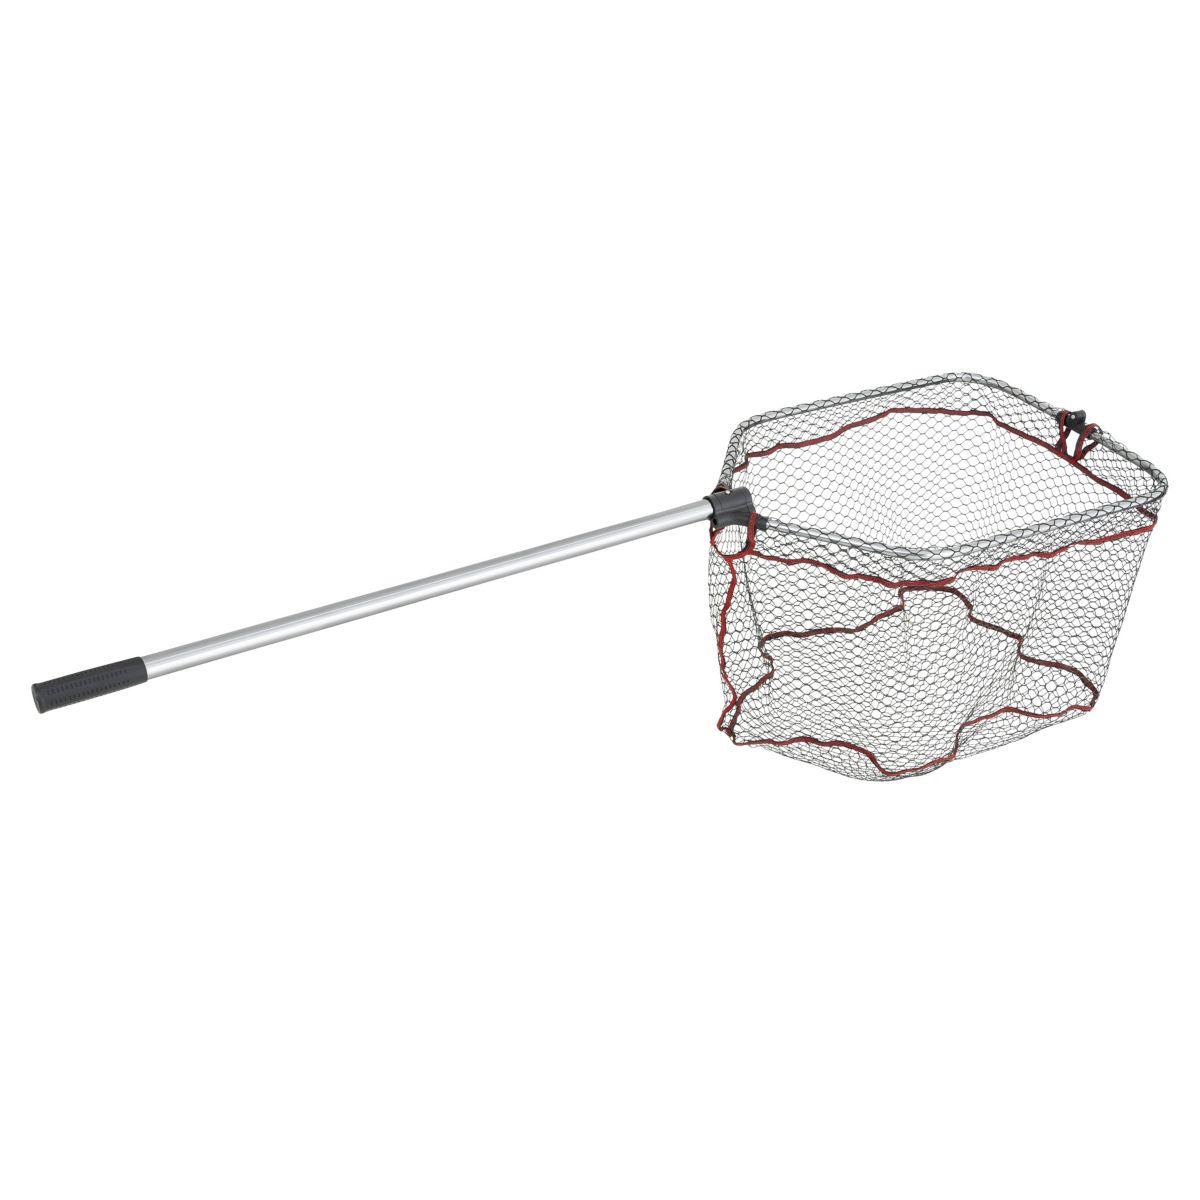 Podběrák s gumovou síťkou Abu Garcia Folding Landind Net Rubber L 165cm 1díl